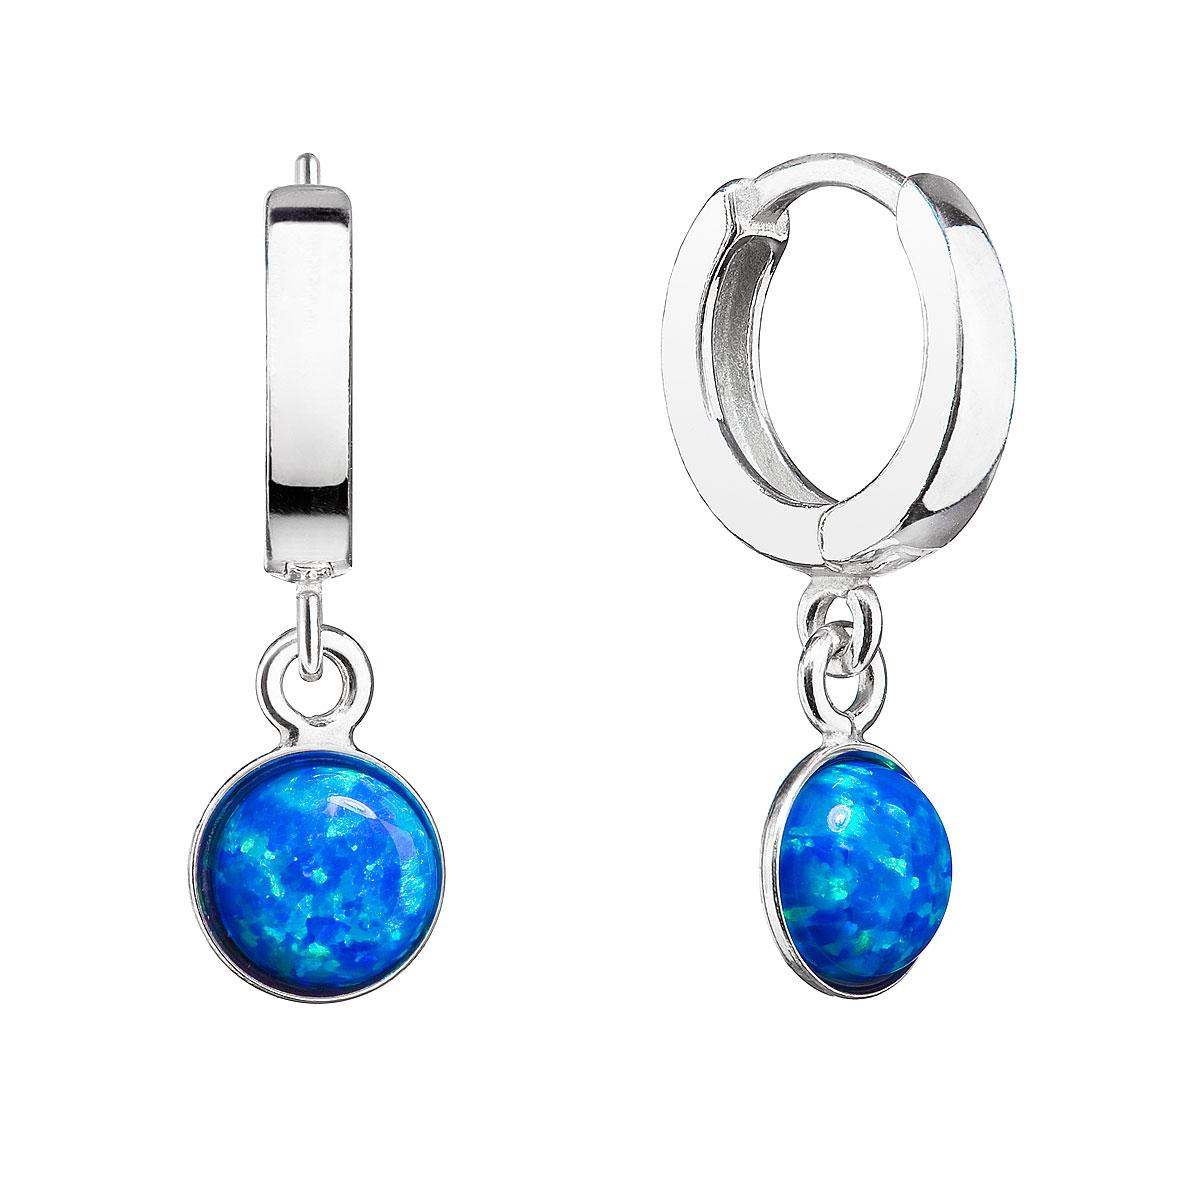 Strieborné náušnice kruhy s modrým syntetickým opálom 11400.3